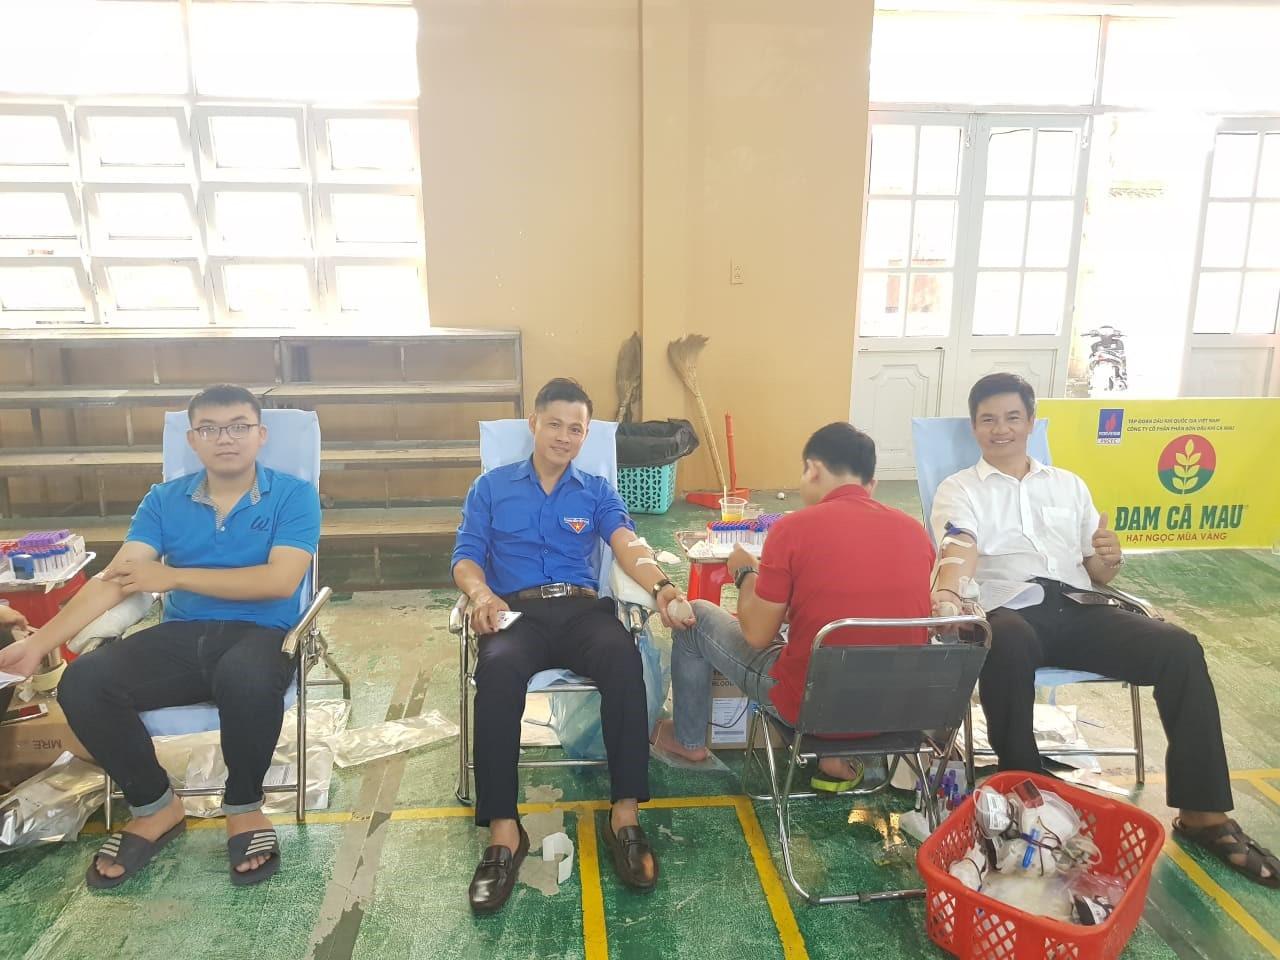 Đoàn thanh niên Đài Kiểm Soát Không Lưu và Trạm Radar thông tin Cà Mau tham gia ngày hội hiến máu nhân đạo Tỉnh Cà Mau